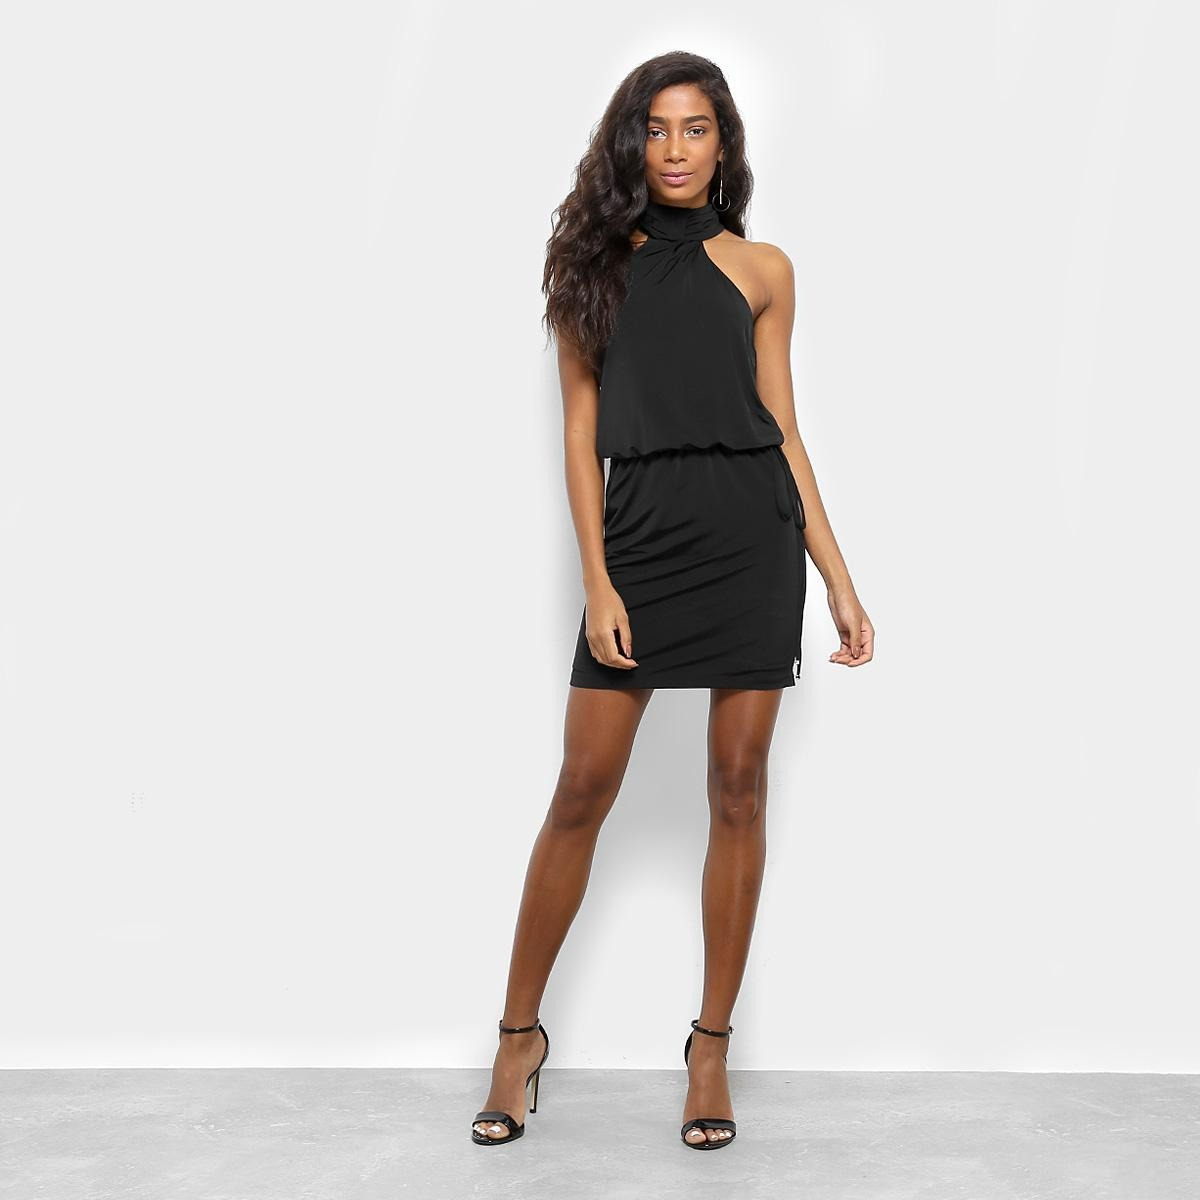 a589c00d5 vestido ana hickmann assimétrico curto gola alta - cor preto. Carregando  zoom.